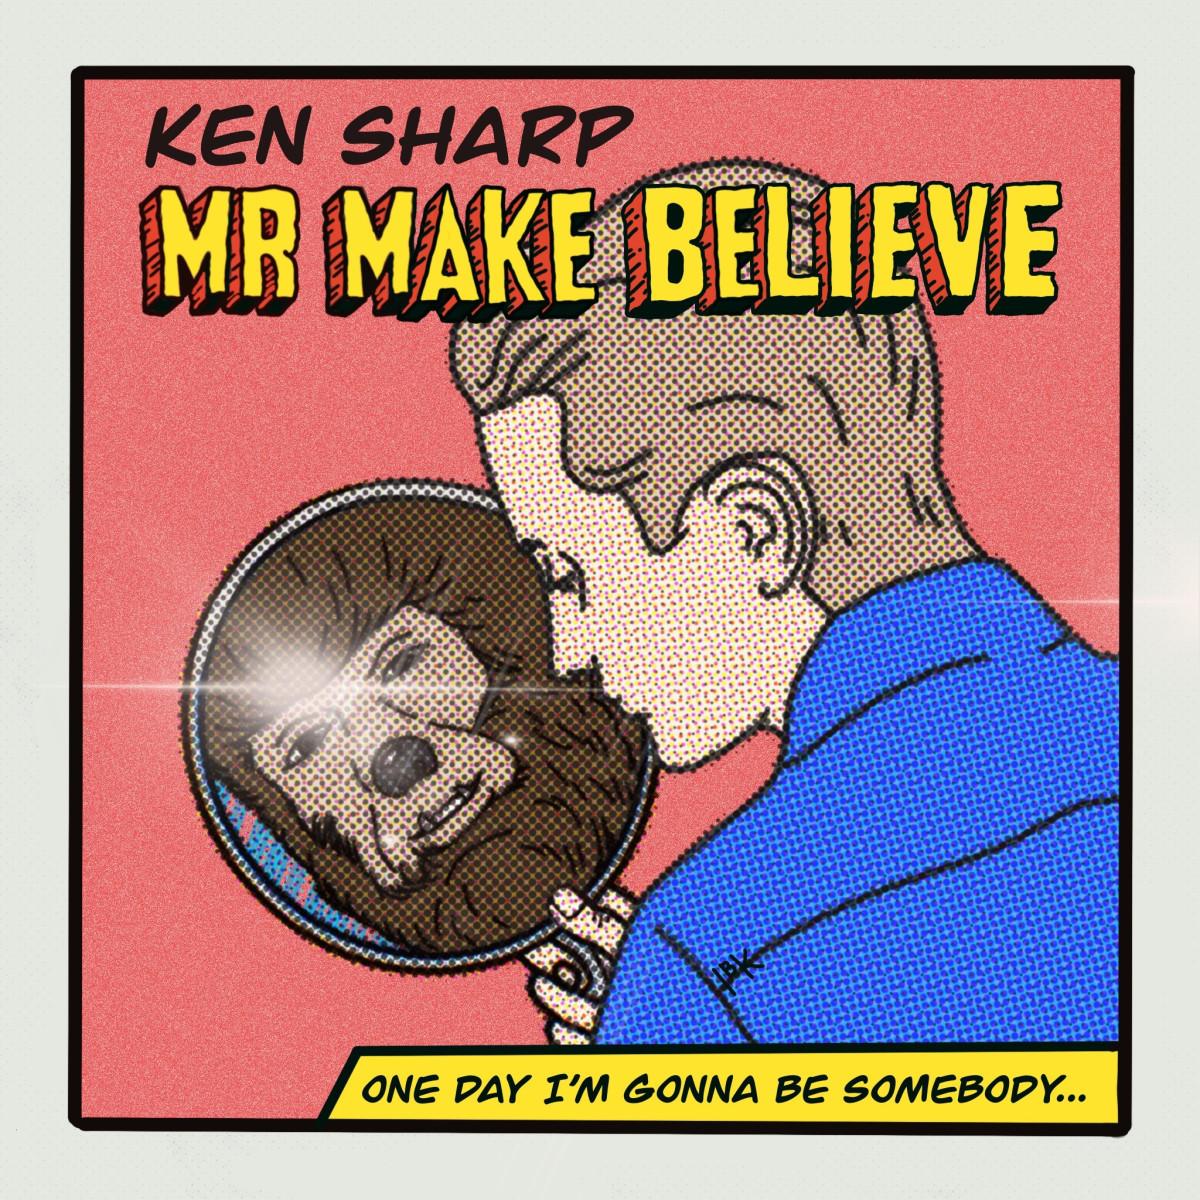 KEN SHARP MR. MAKE BELIEVE